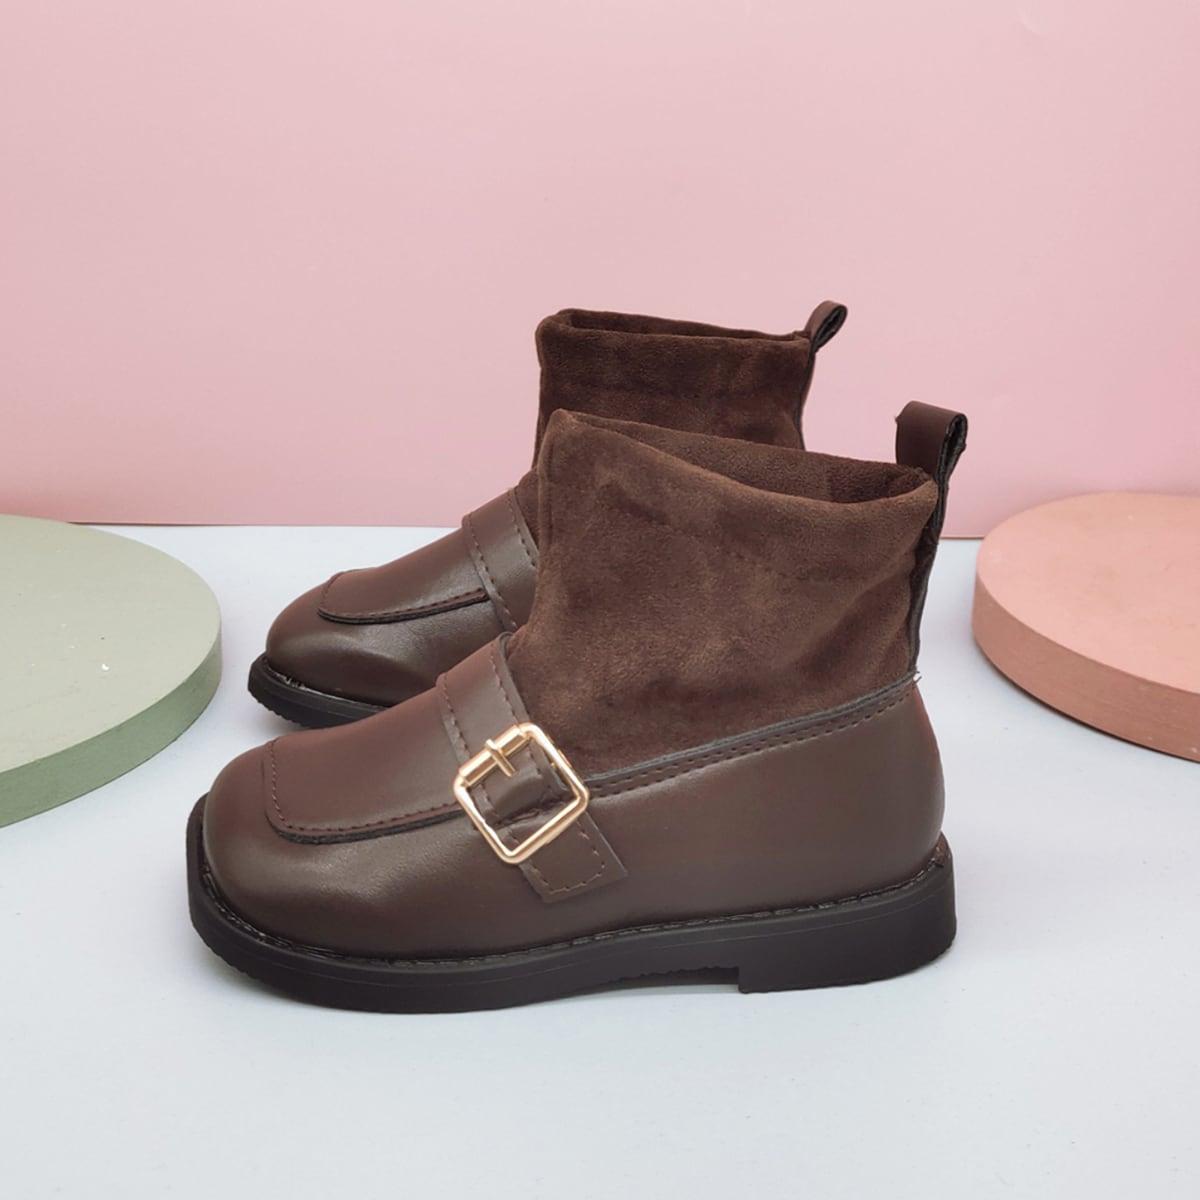 Ботинки с пряжкой для девочек SheIn sk2108088707353401